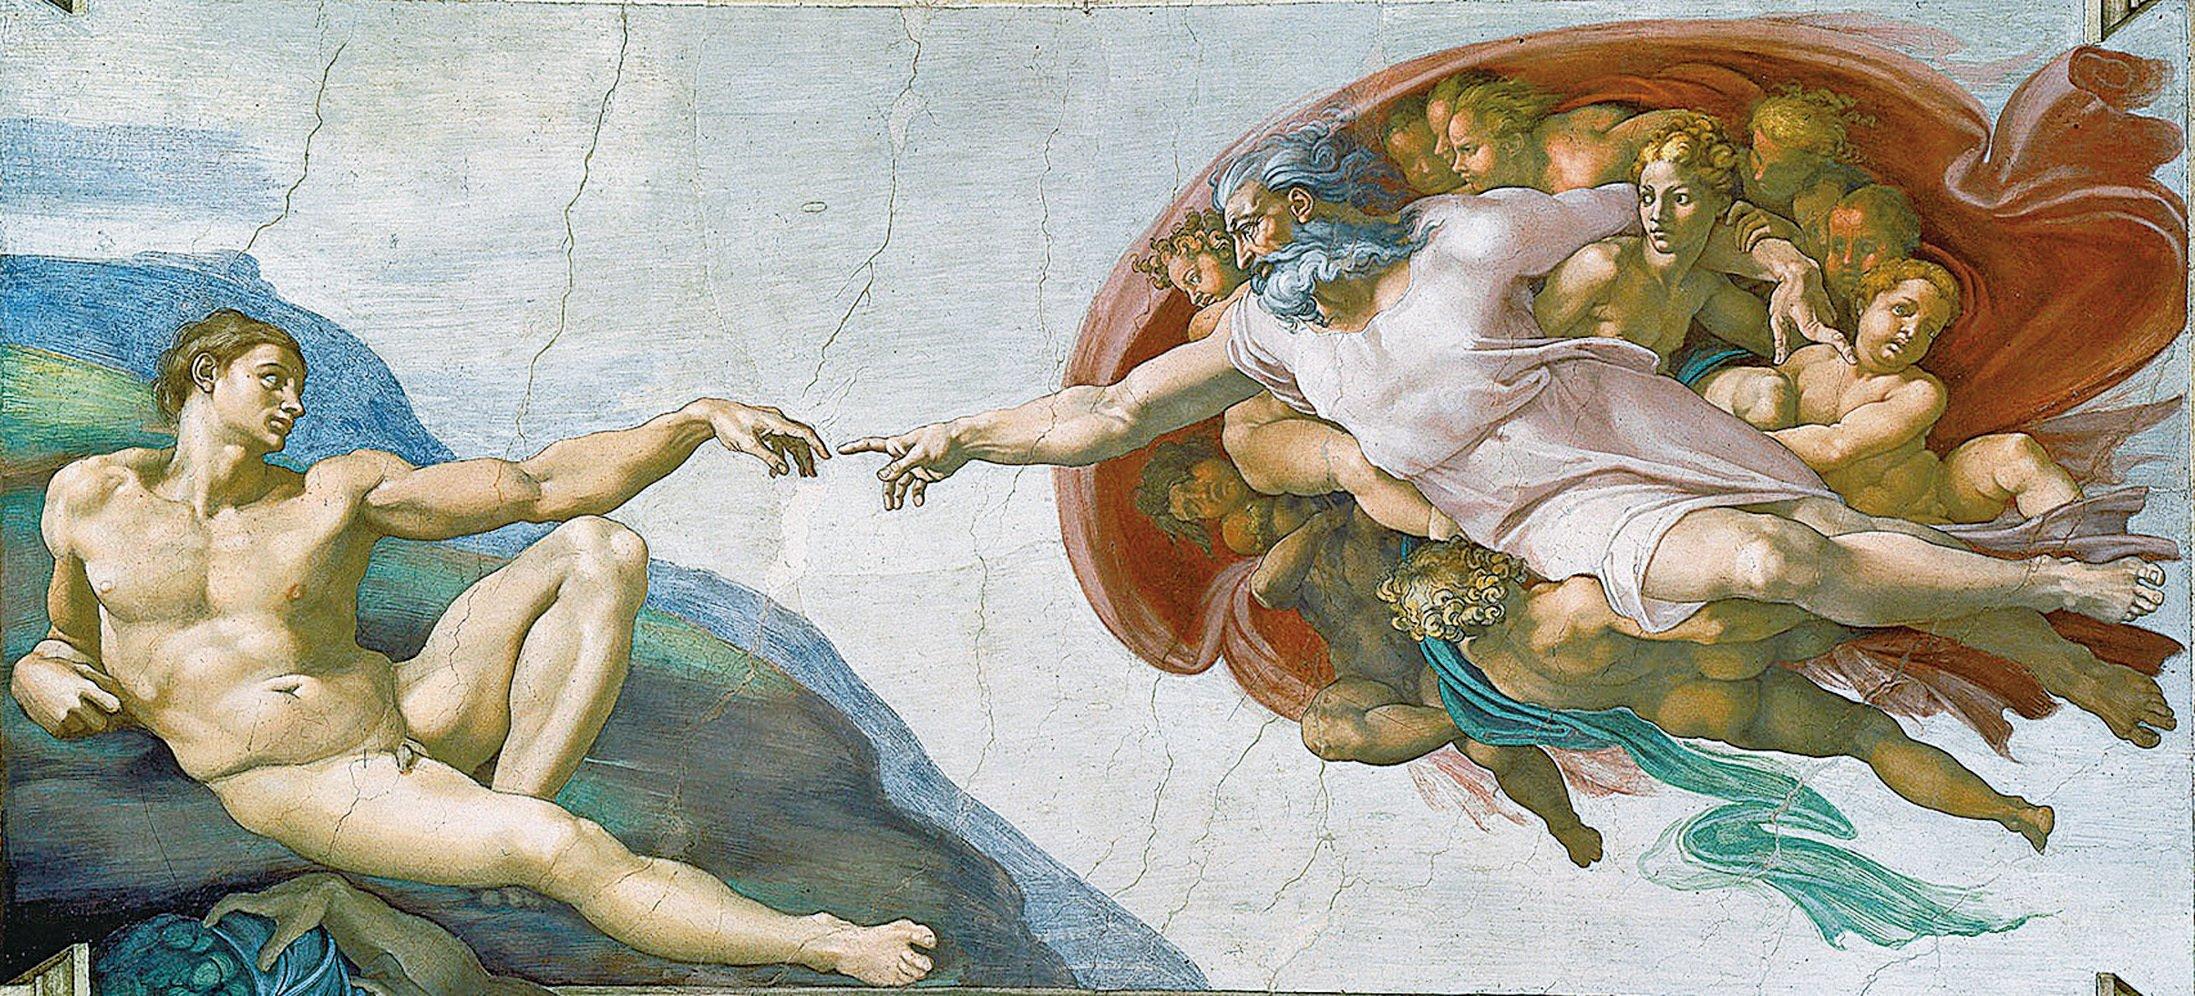 《創世紀》是米開朗基羅在西斯廷禮拜堂大廳天頂的壁畫,上圖《創造亞當》是《創世紀》的中心主題,「神按照自己的形像造人」也是世界許多民族共同的古老傳說。(維基百科)